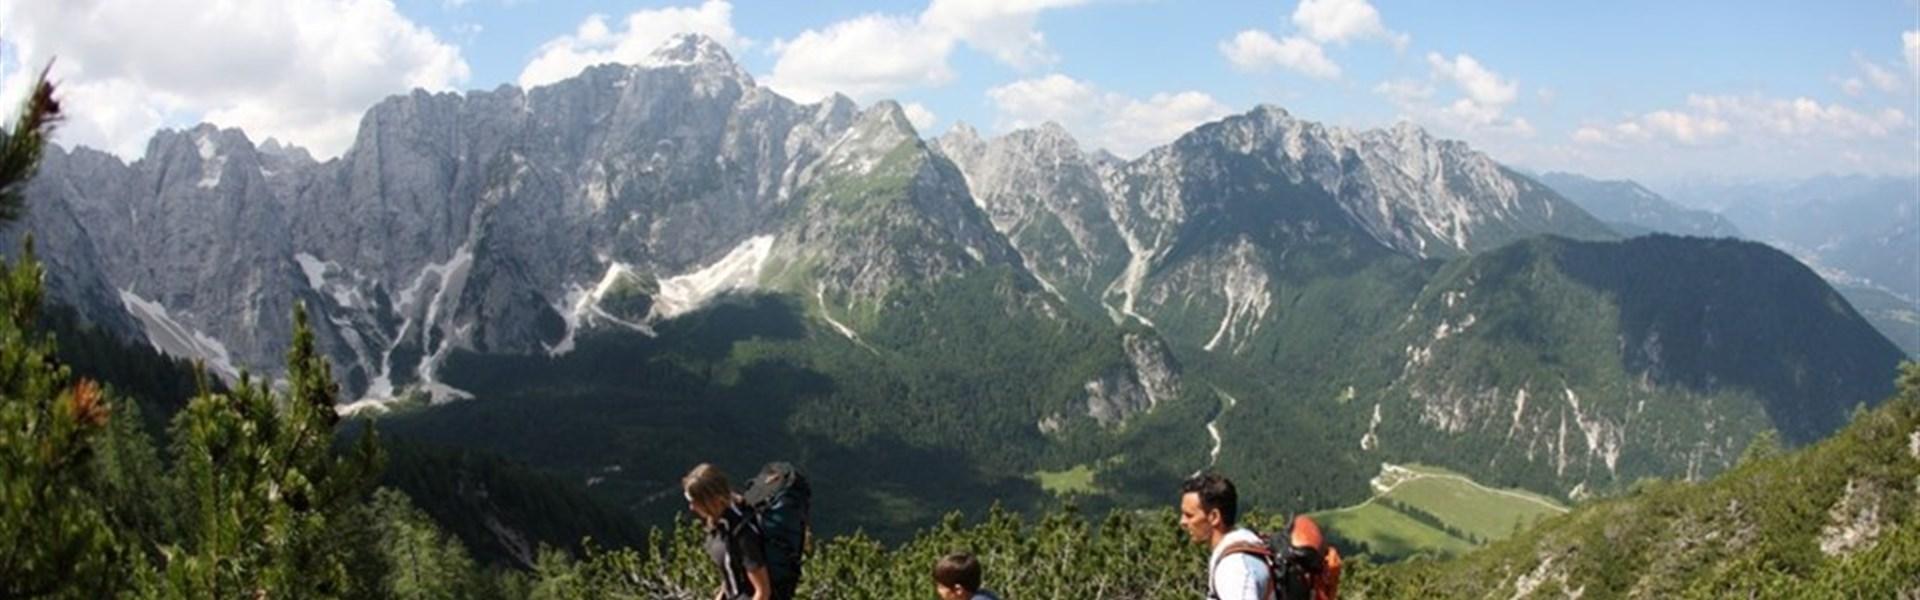 Sella Nevea / Kanin - letní Alpy